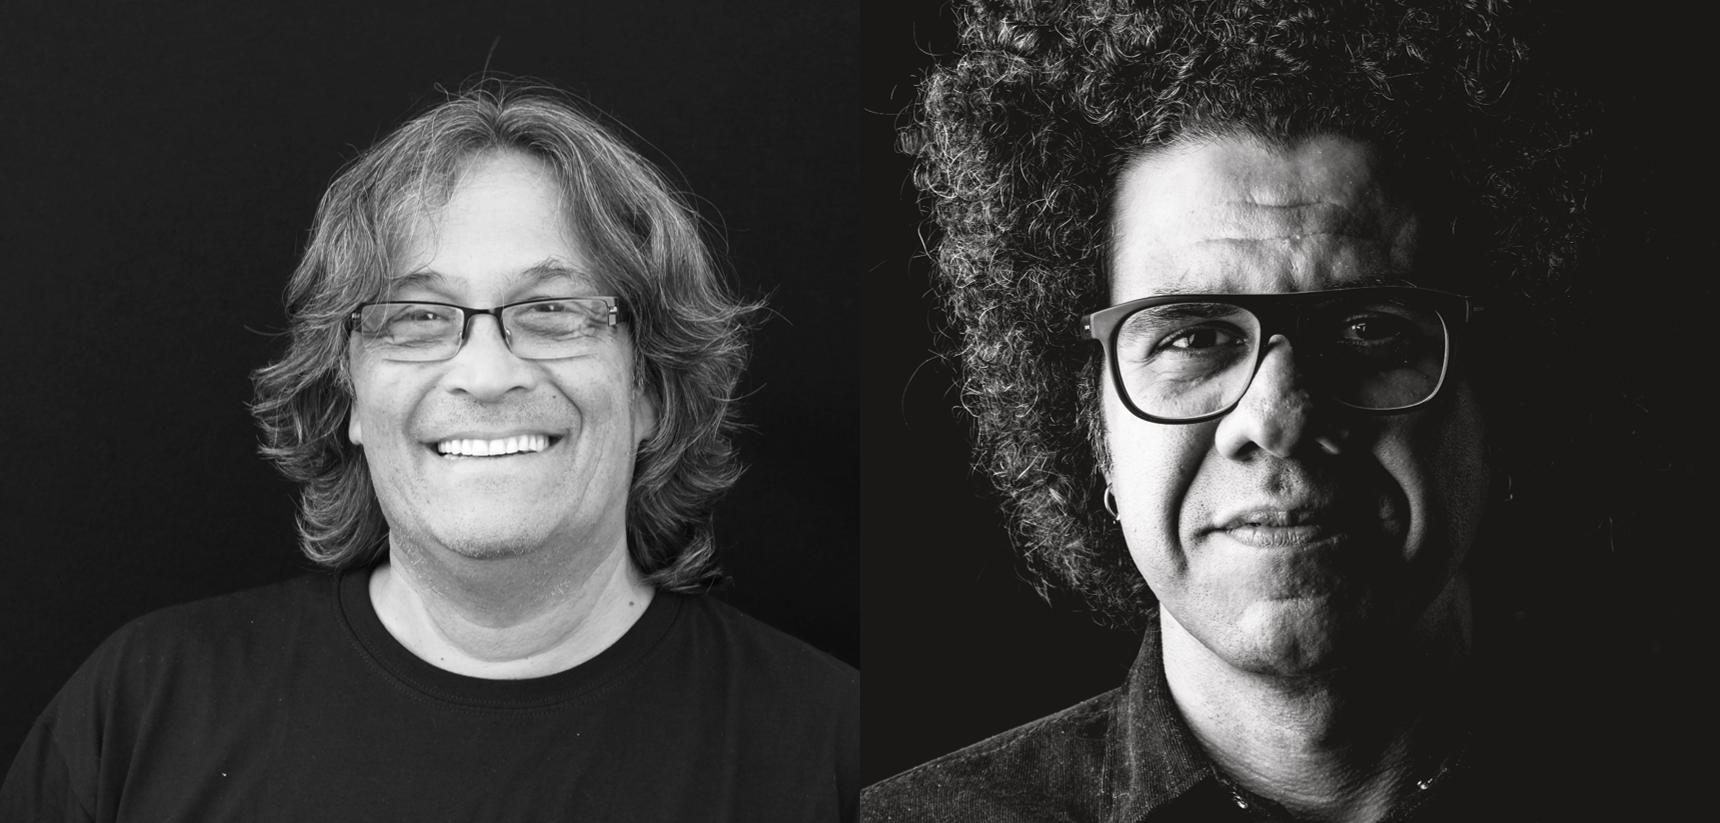 Colaboração inédita traz Chano Dominguez e Hamilton de Holanda a Espinho